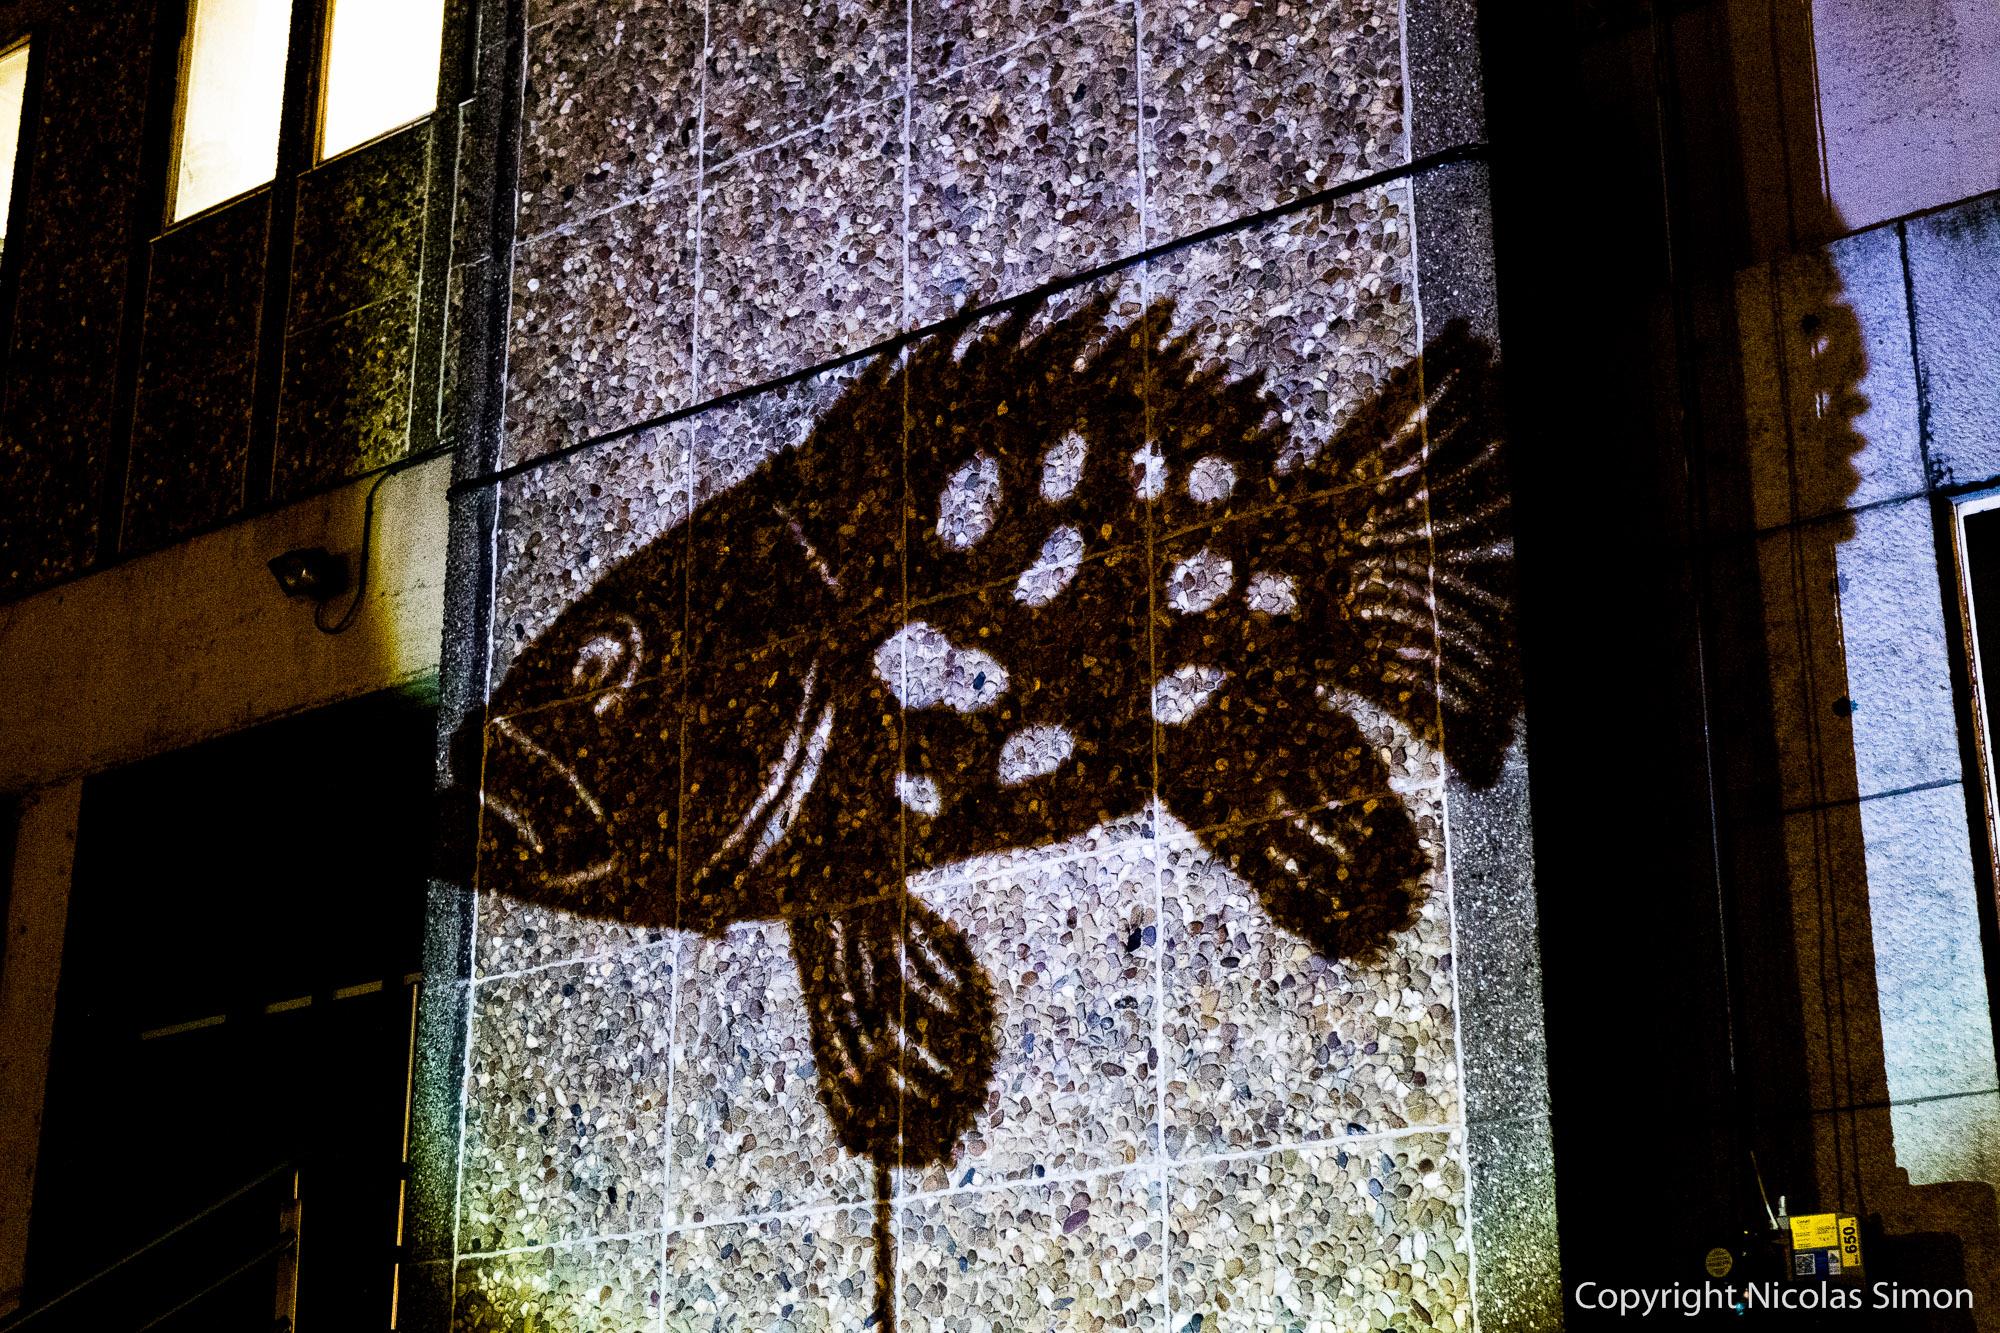 ombres-geantes-animalia_003-01539